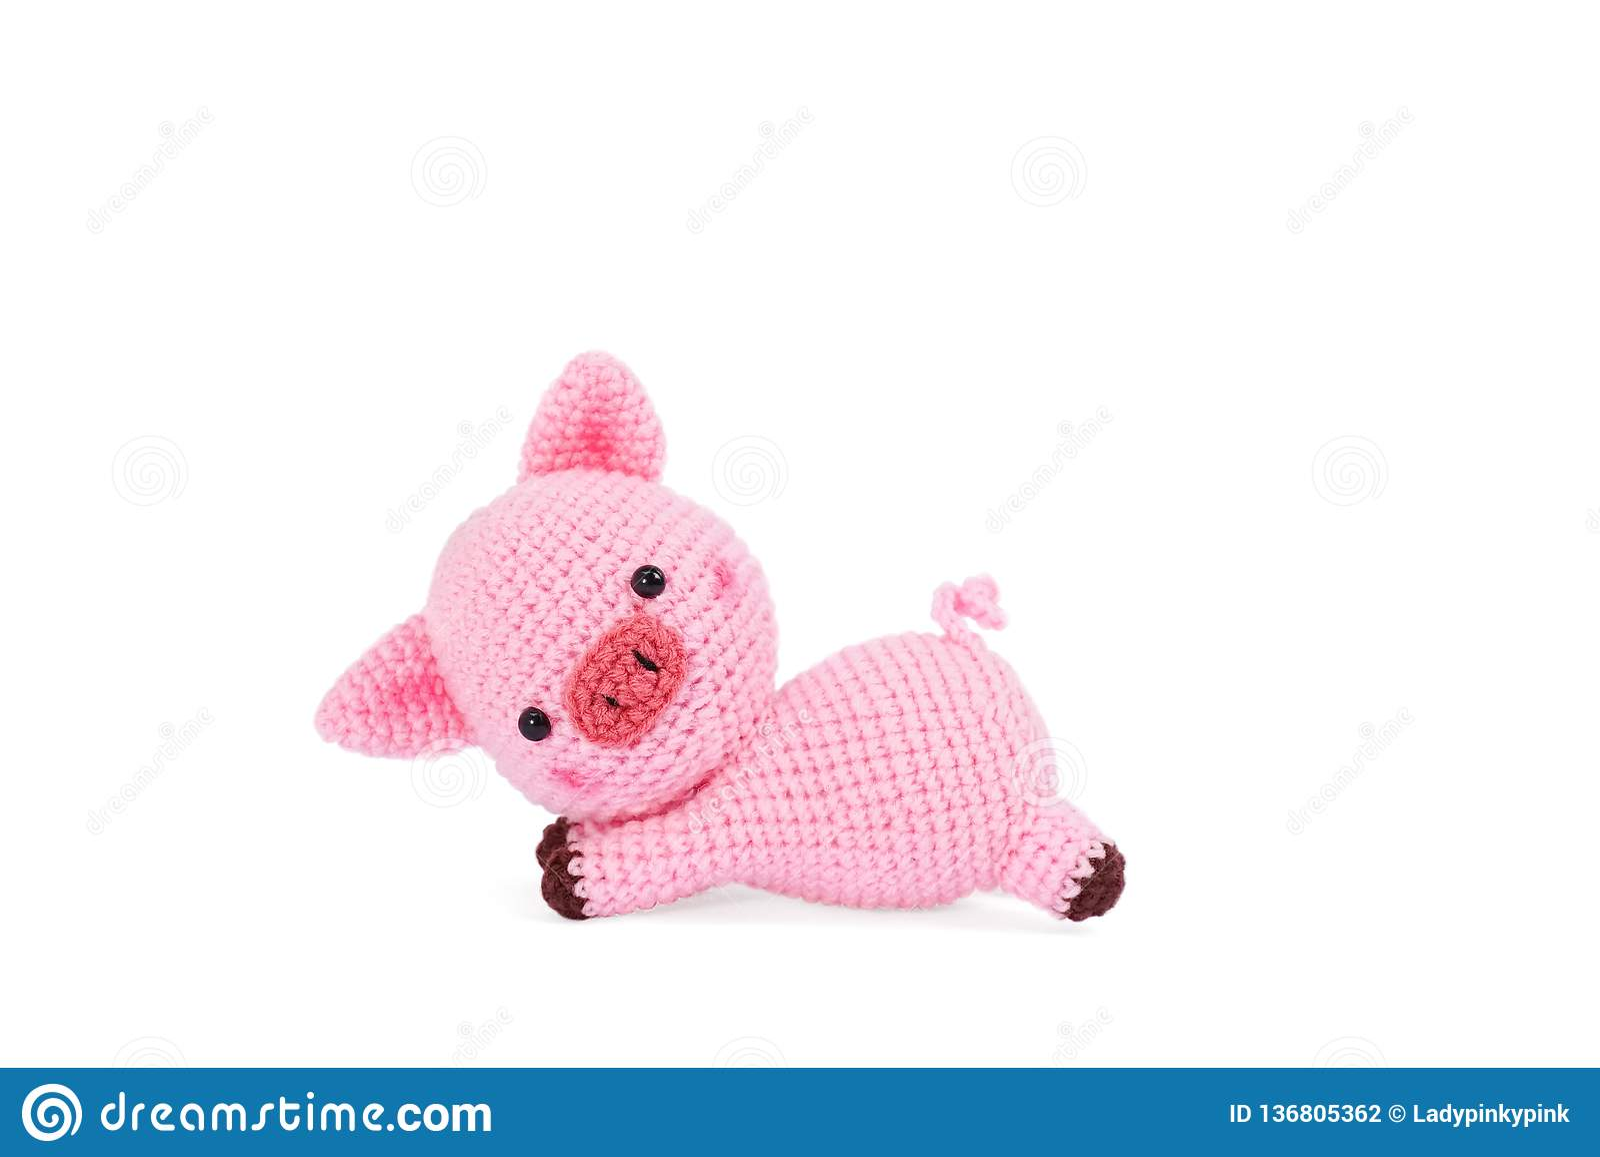 Amigurumi Cute Doll Free Pattern | Puppe häkeln, Häkeln muster ... | 1155x1600